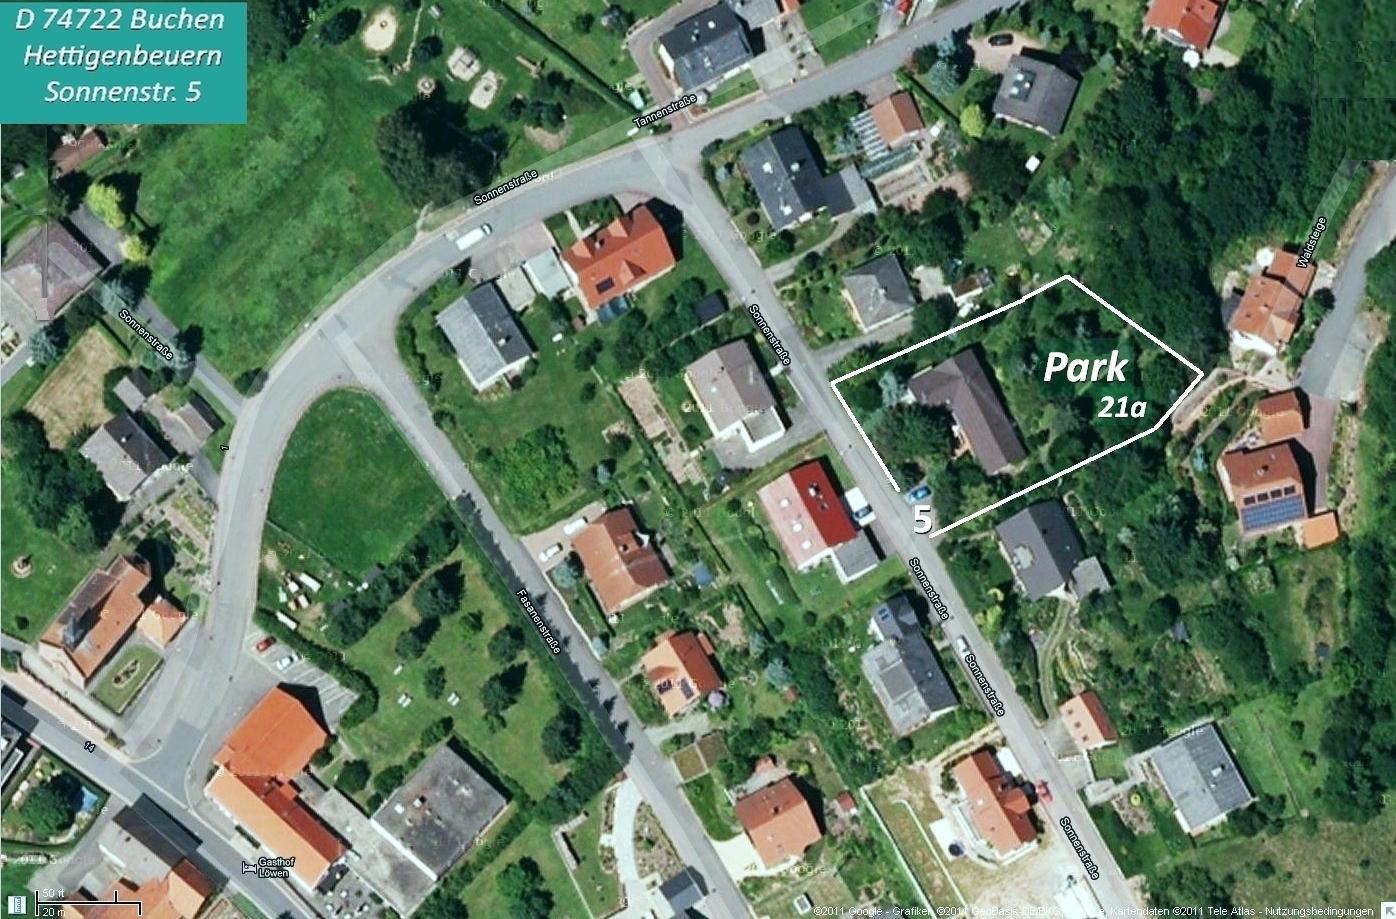 Satellitenbild Sonnenstraße Buchen Hettigenbeuern